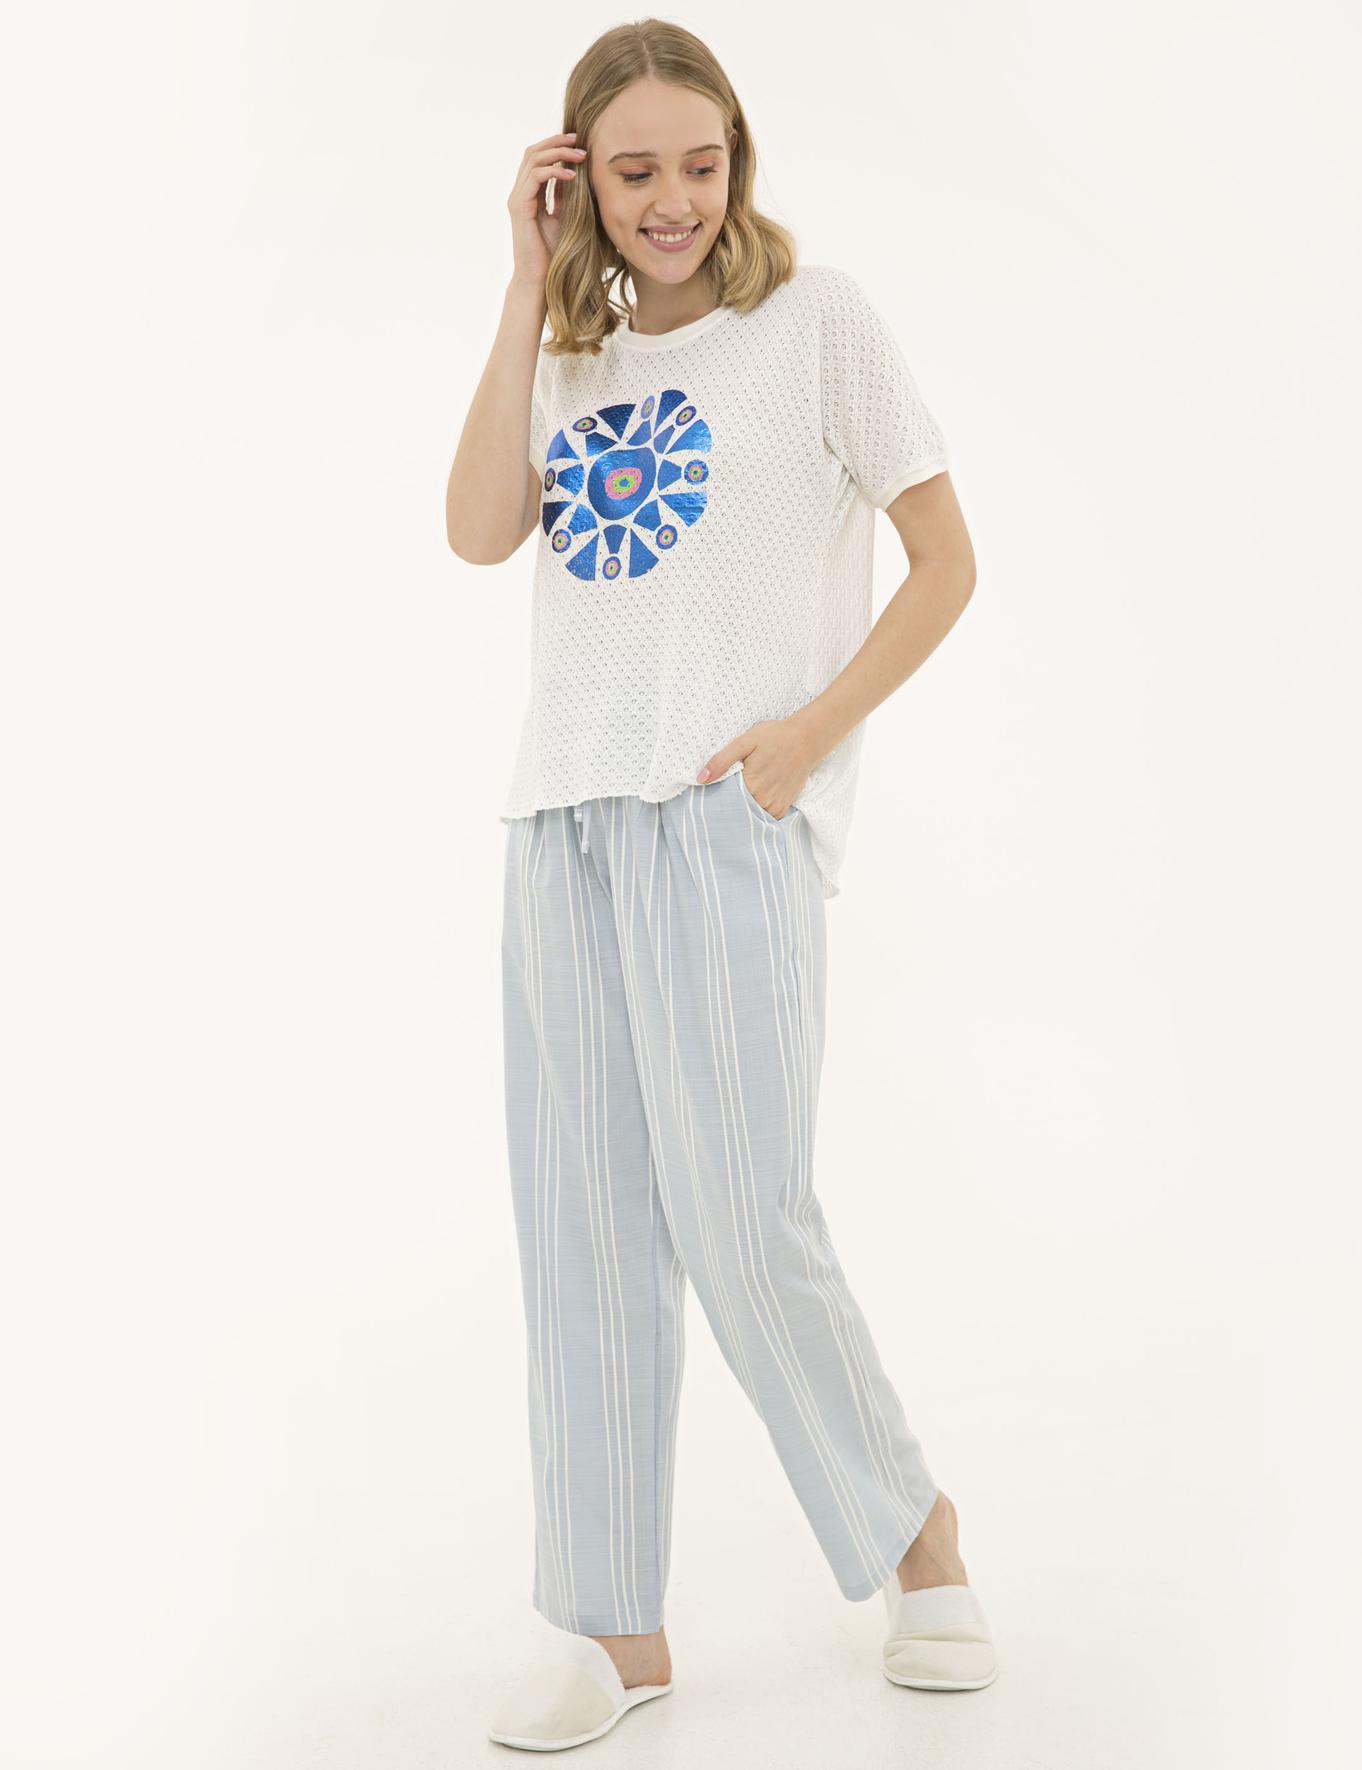 Mavi Pijama Takım